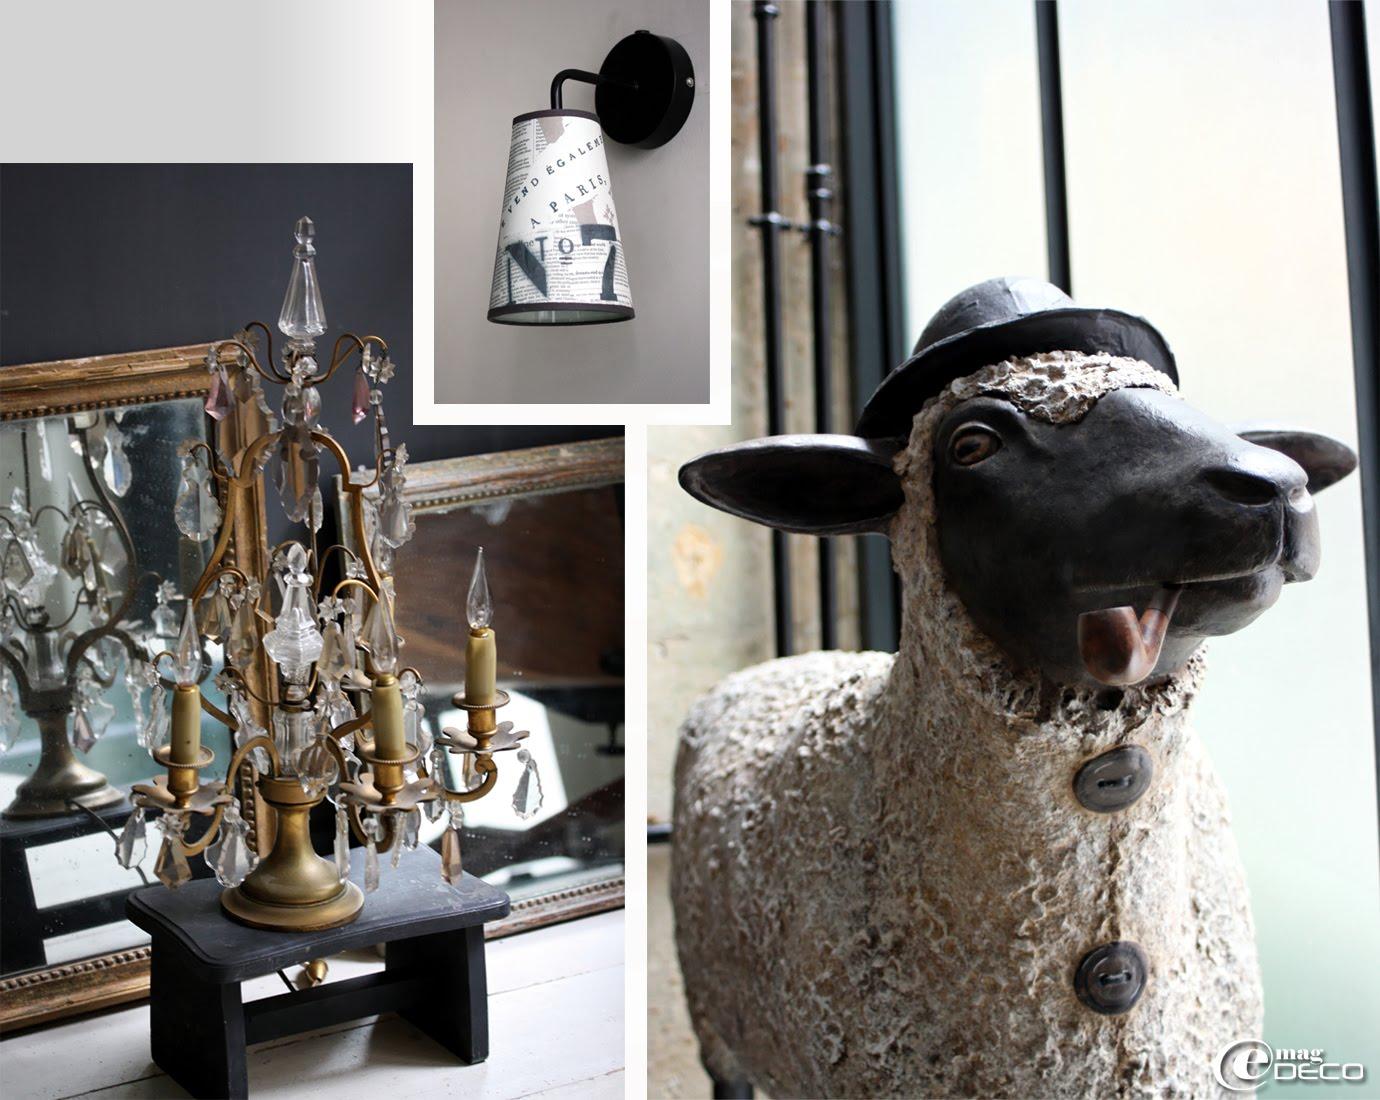 Girandole ancienne et mouton en papier mâché créé par Mélanie Bourlon